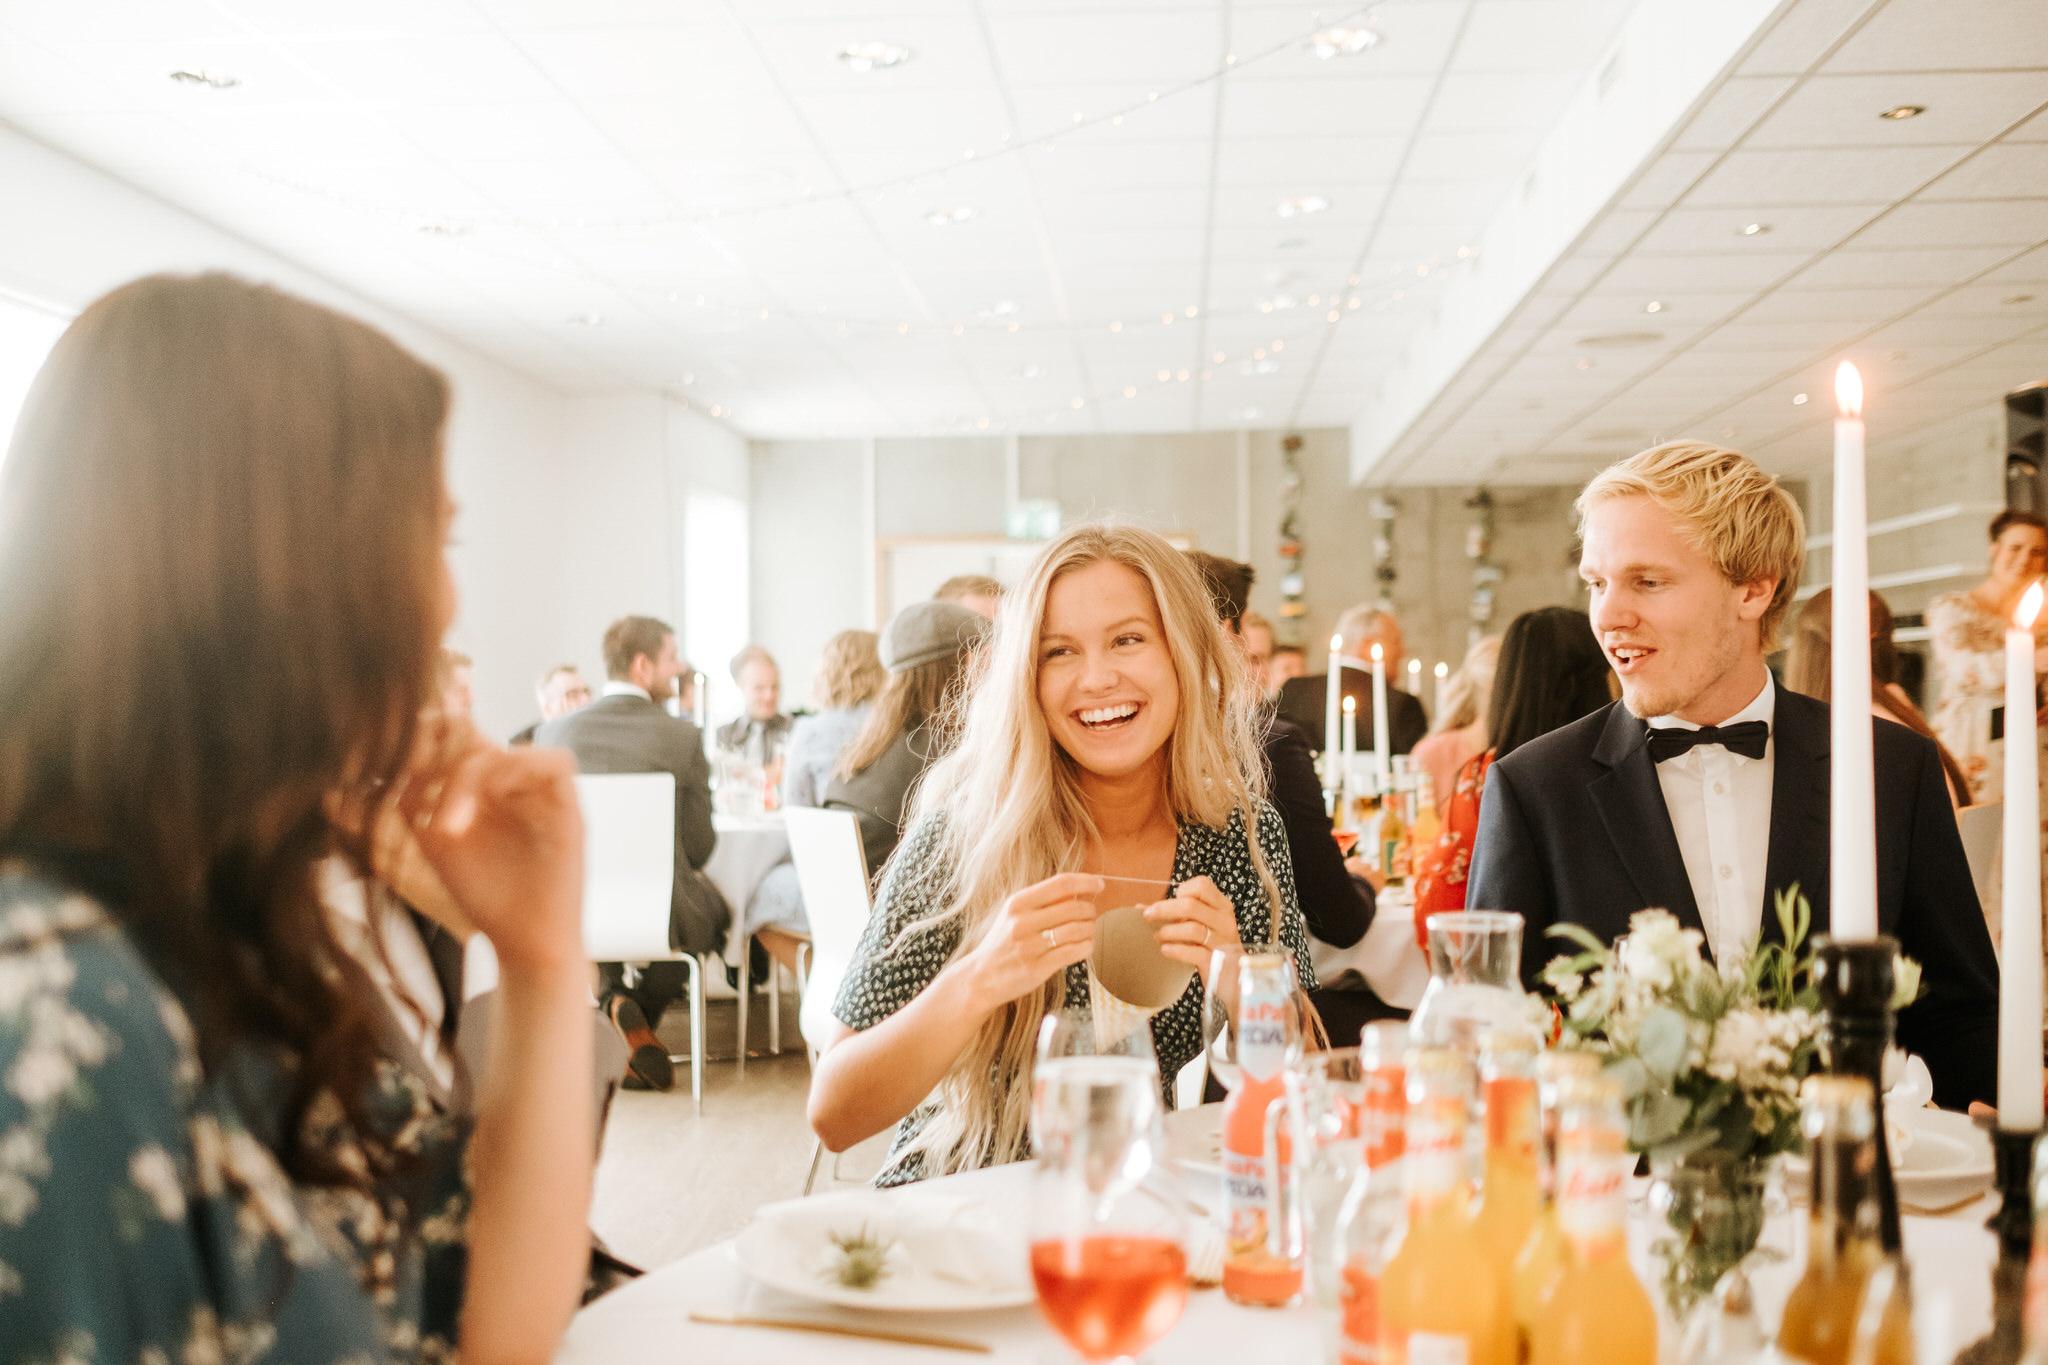 sokndal egersund bryllupsfotograf 044.JPG